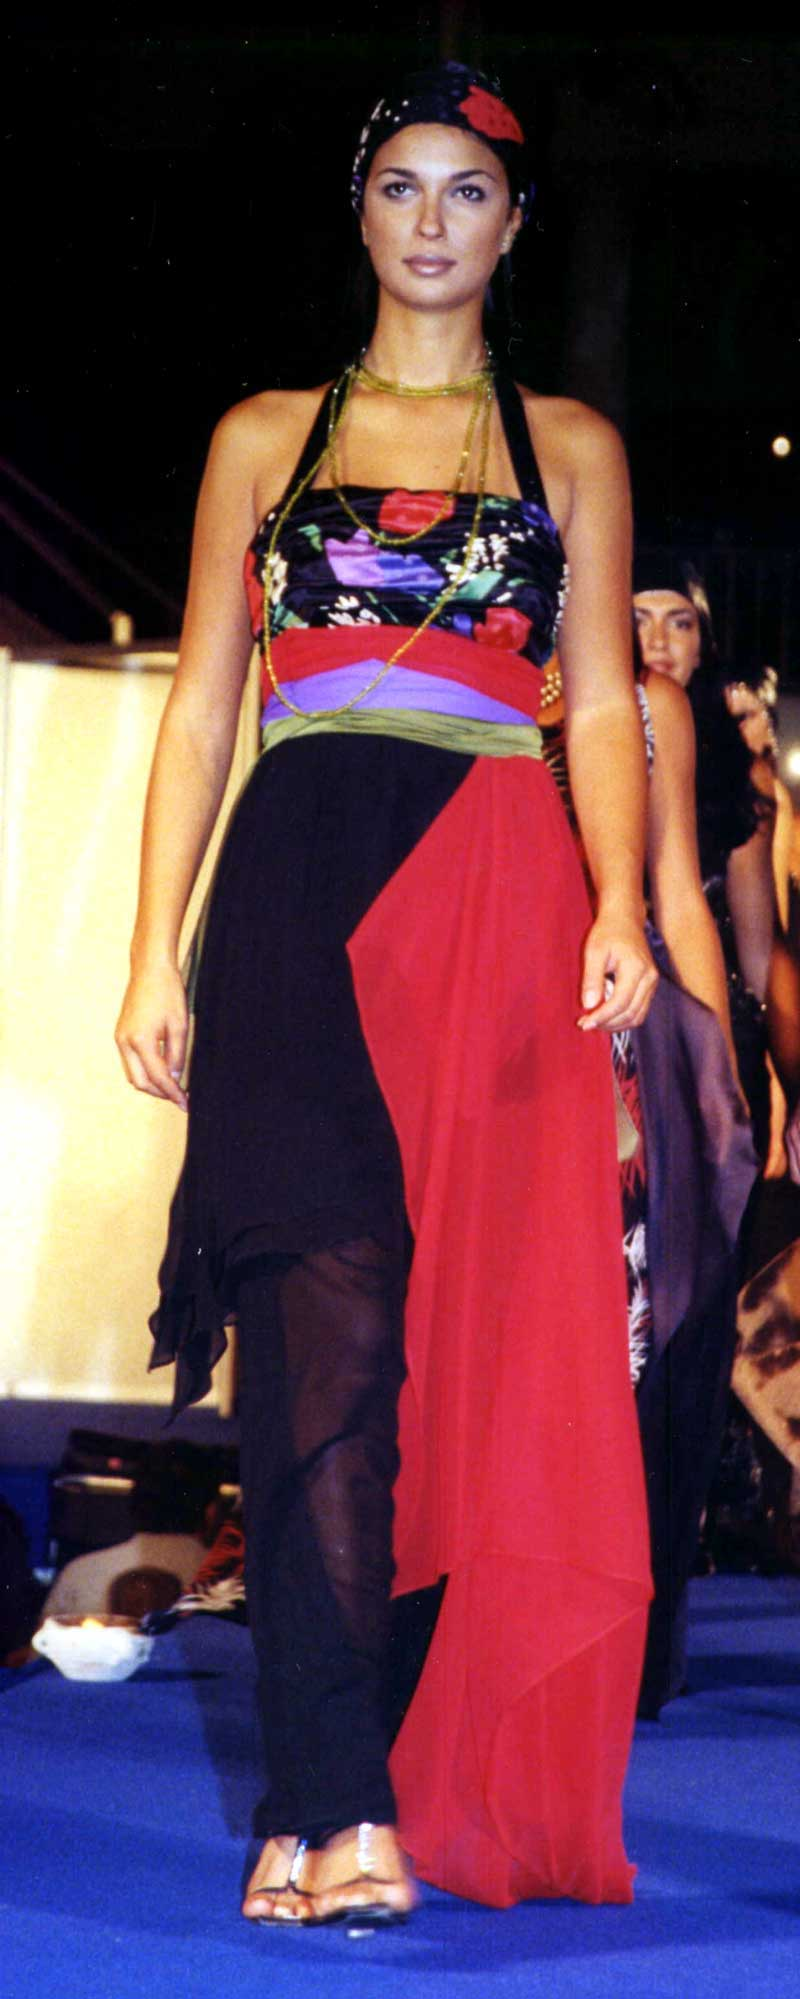 abito donna in vari colori